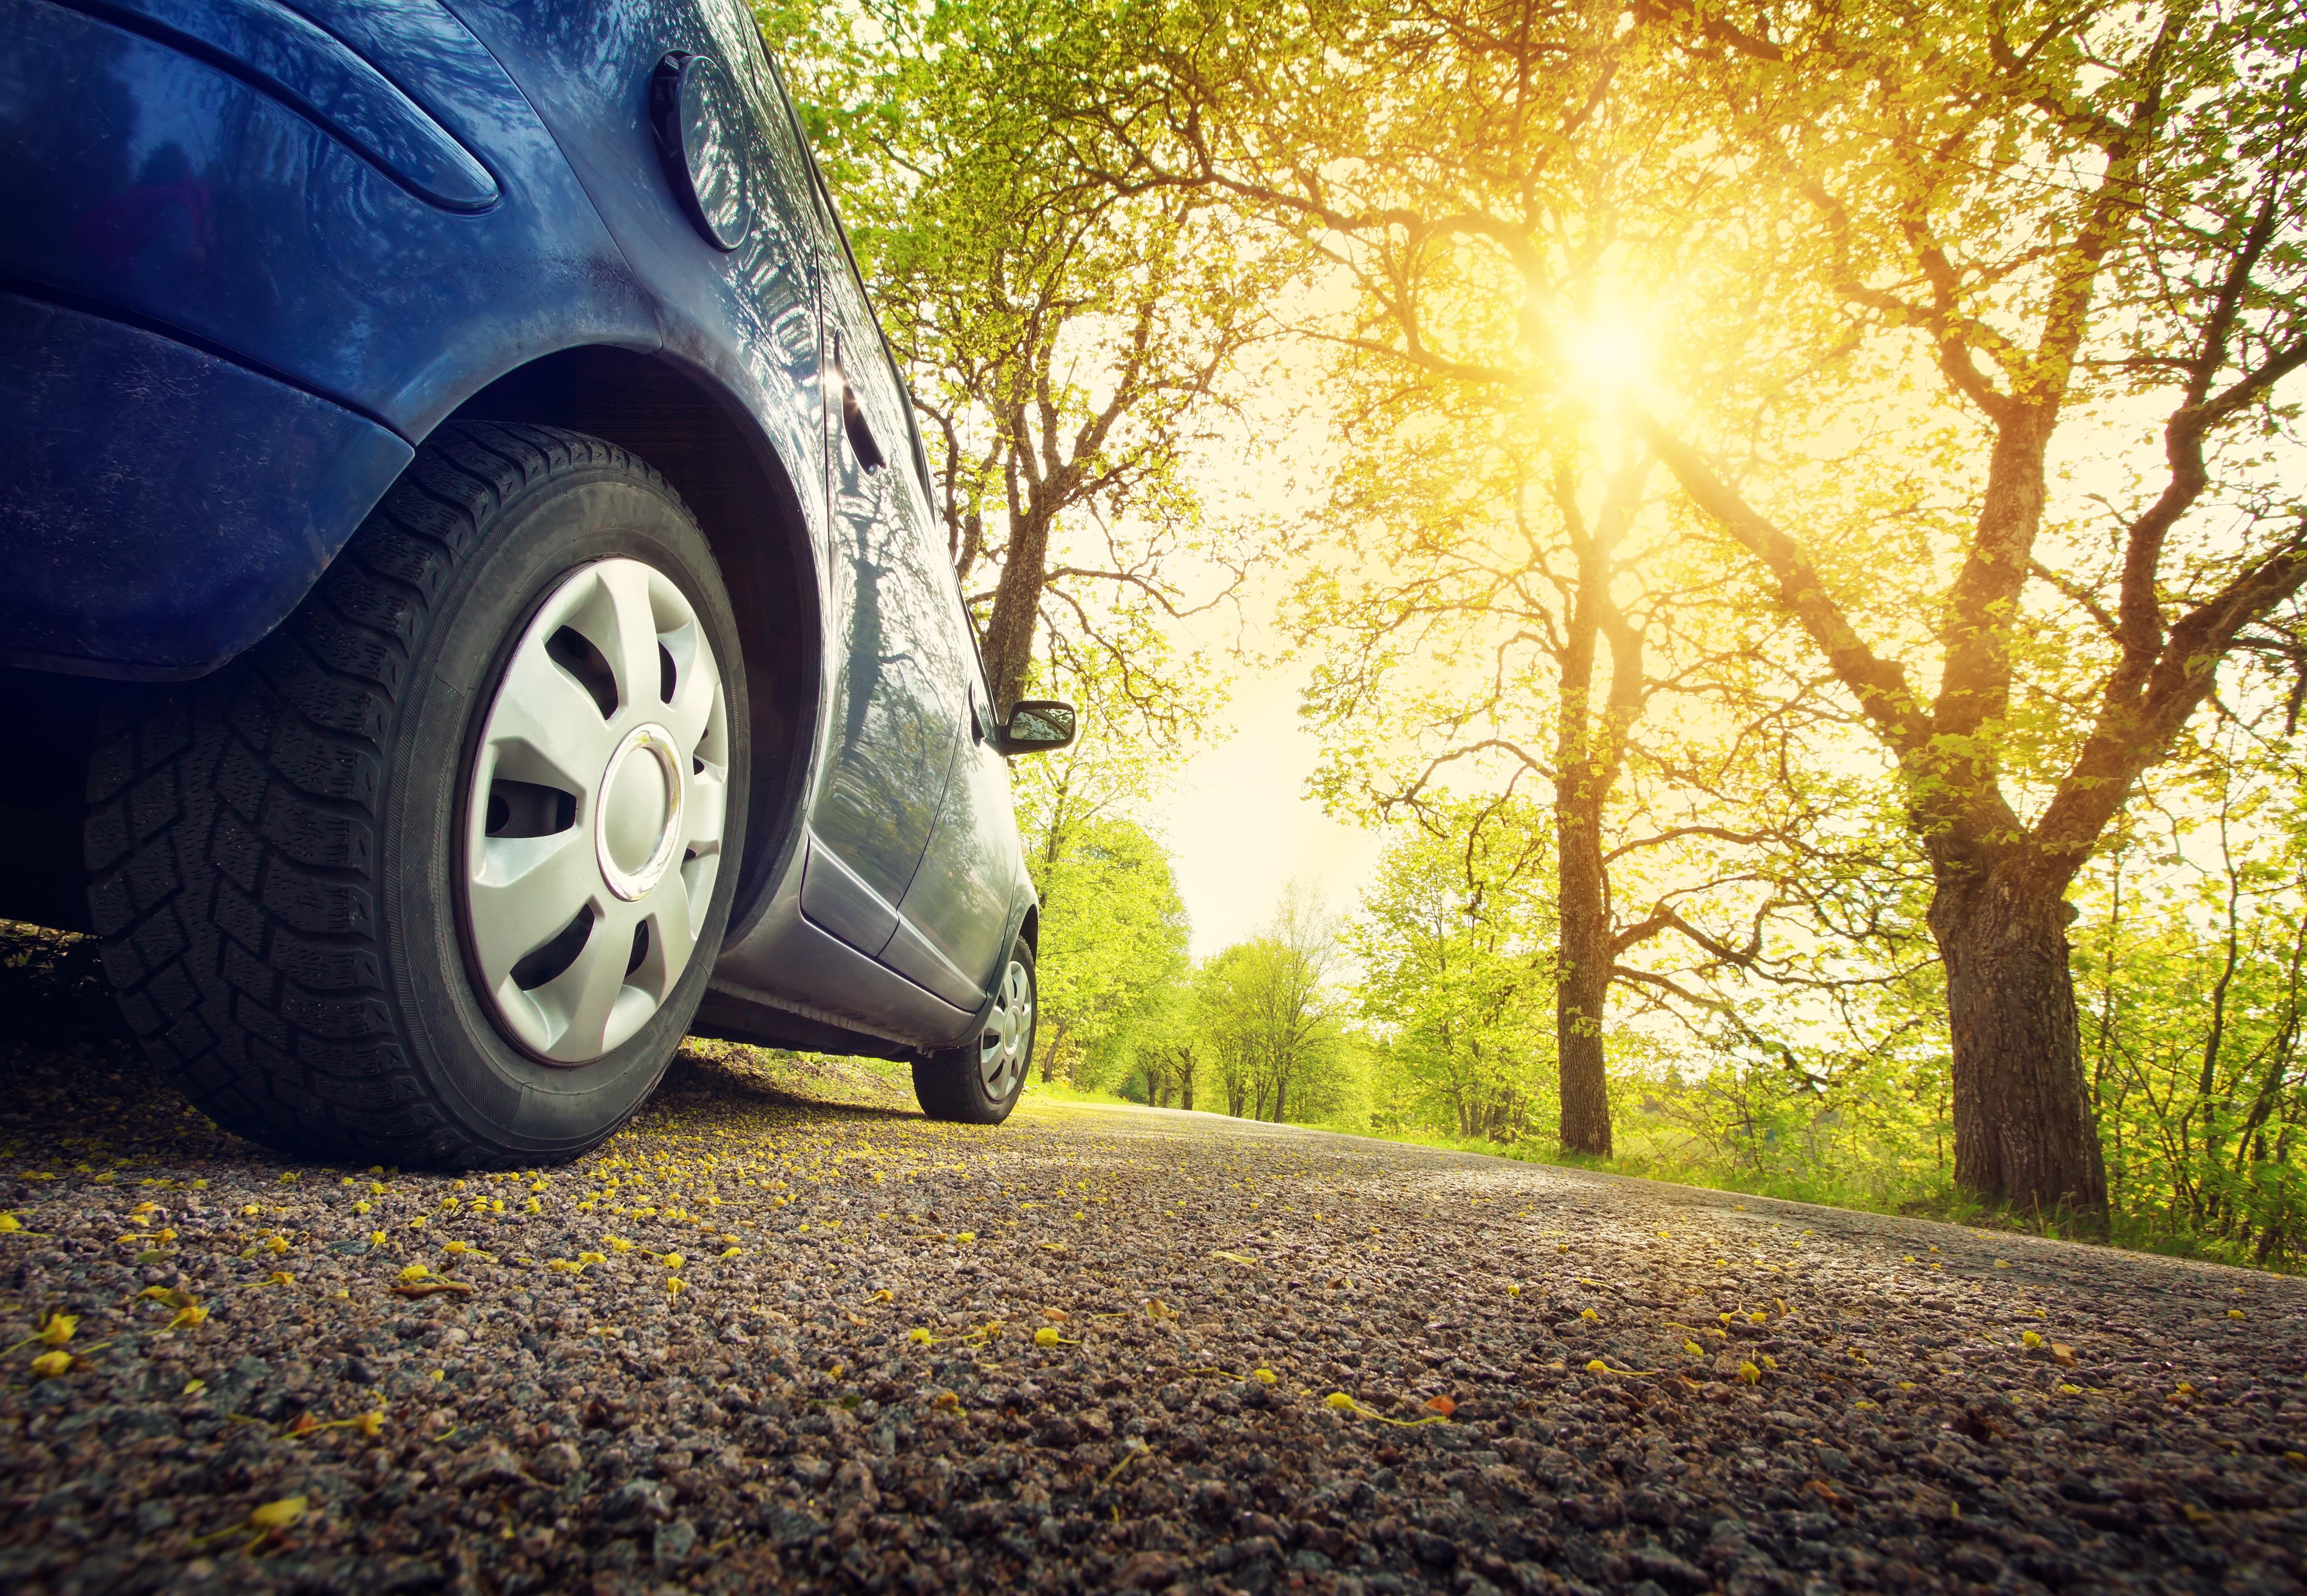 「スズキ」の中古車を自社ローンで購入した方の車両価格相場と口コミ(体験談)